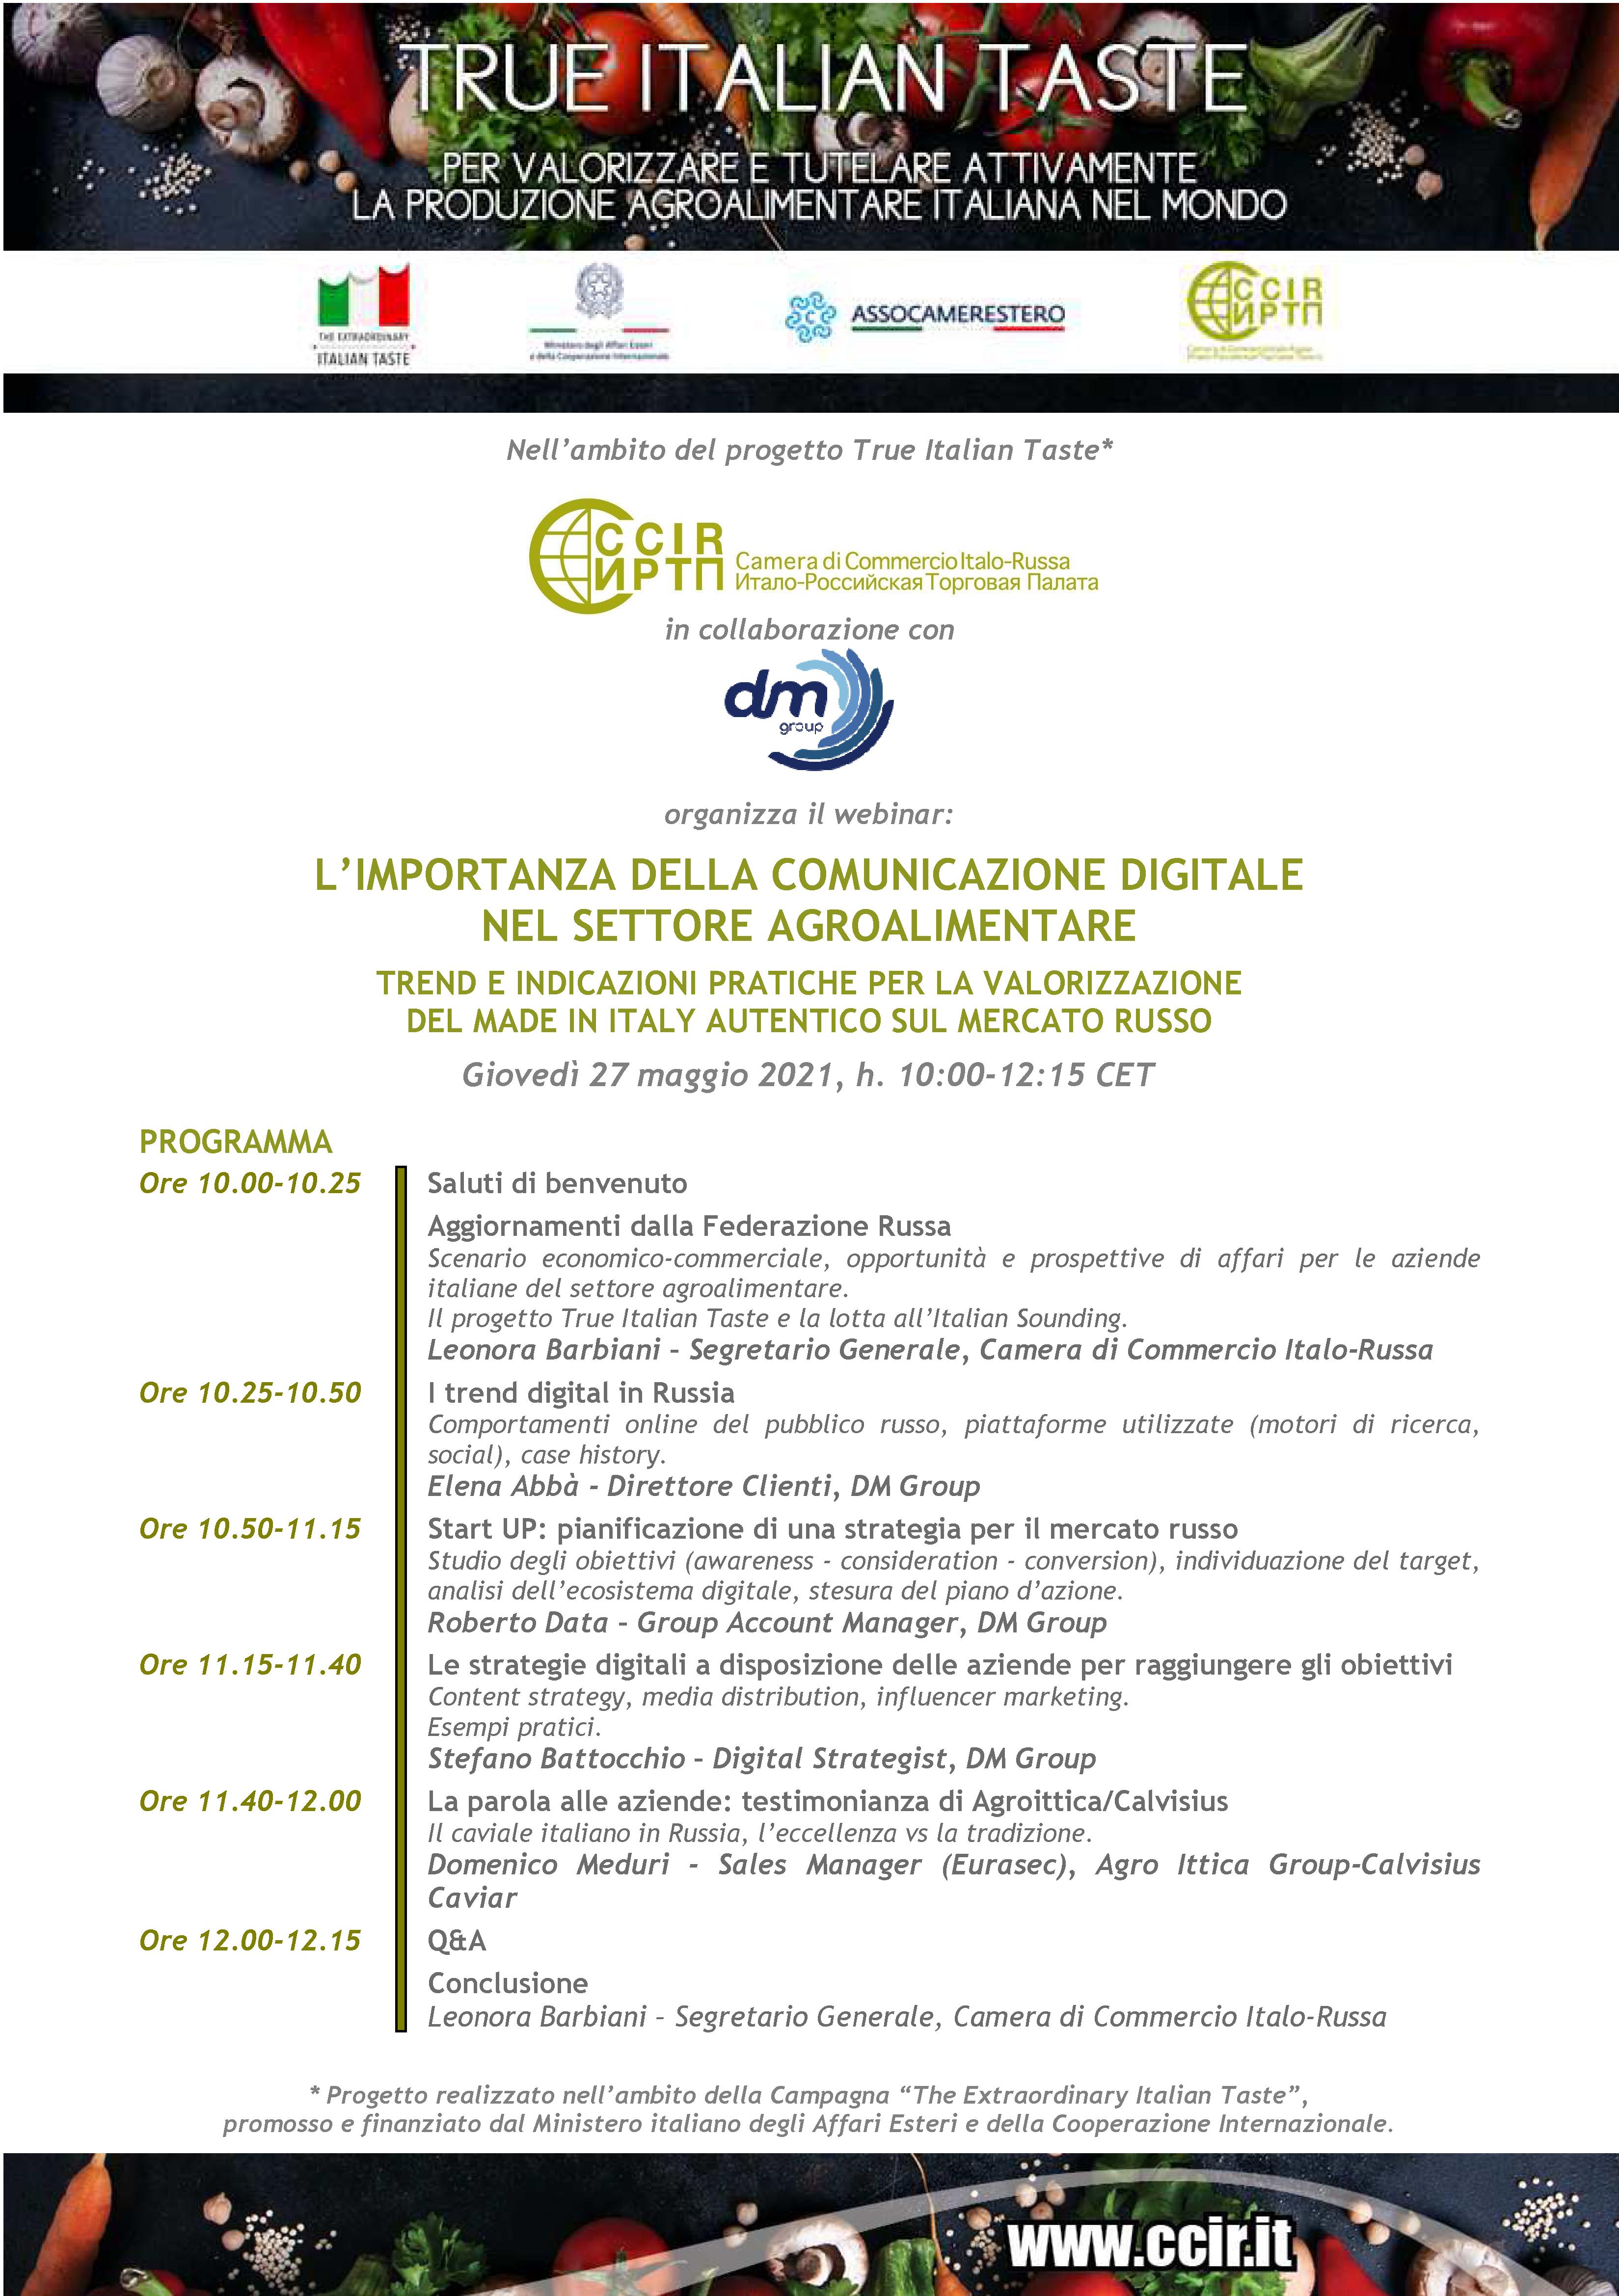 """Webinar """"L'importanza della comunicazione digitale nel settore agroalimentare - trend e indicazioni pratiche per la valorizzazione del Made in Italy autentico sul mercato russo"""""""